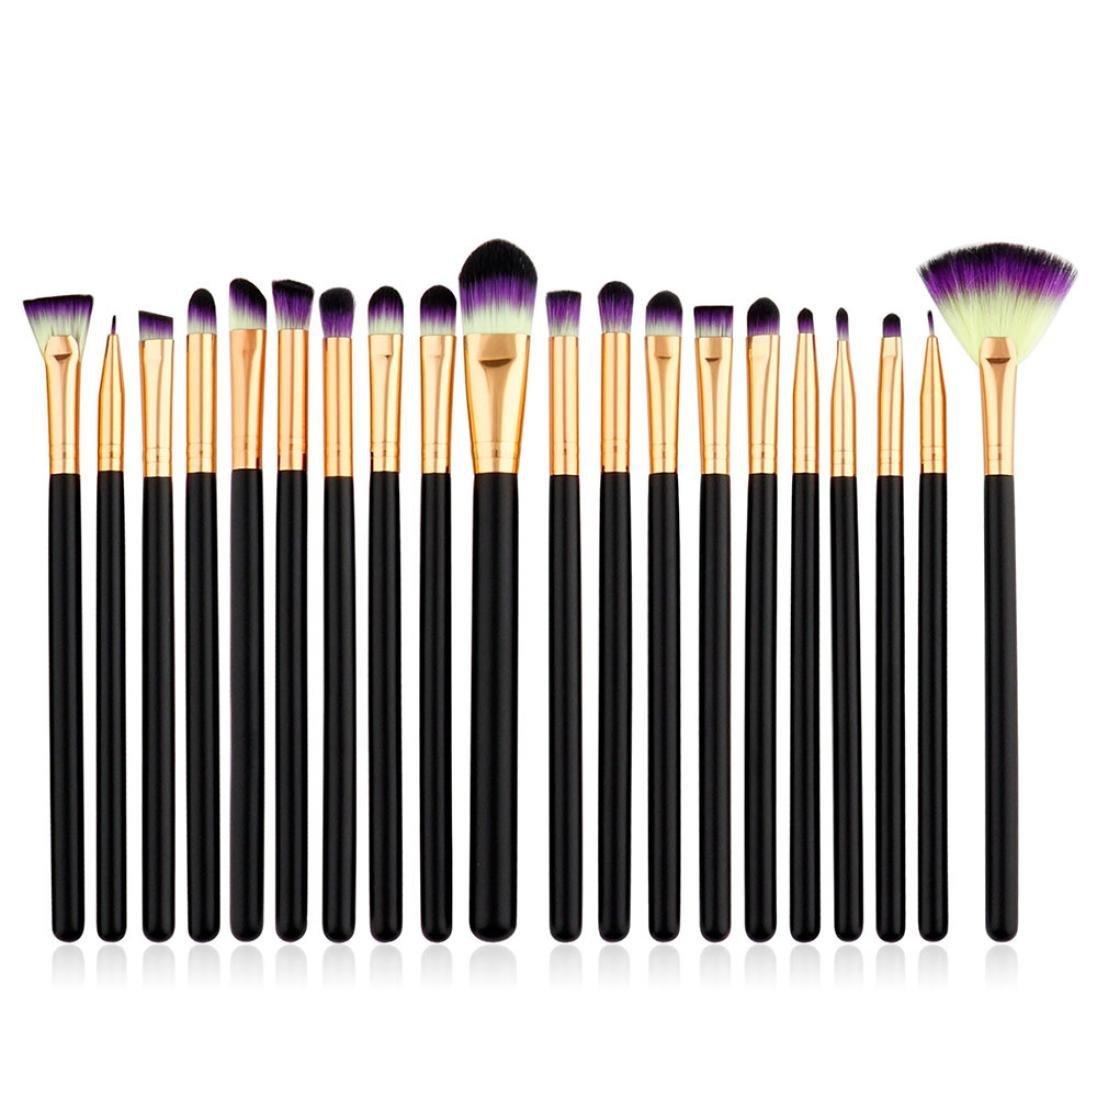 Beauty Brush Set,BCDshop 20pcs Pro Makeup Brushes Set Foundation Powder Eyeshadow Eyeliner Lip Cosmetic Brush Tool Kit (B)